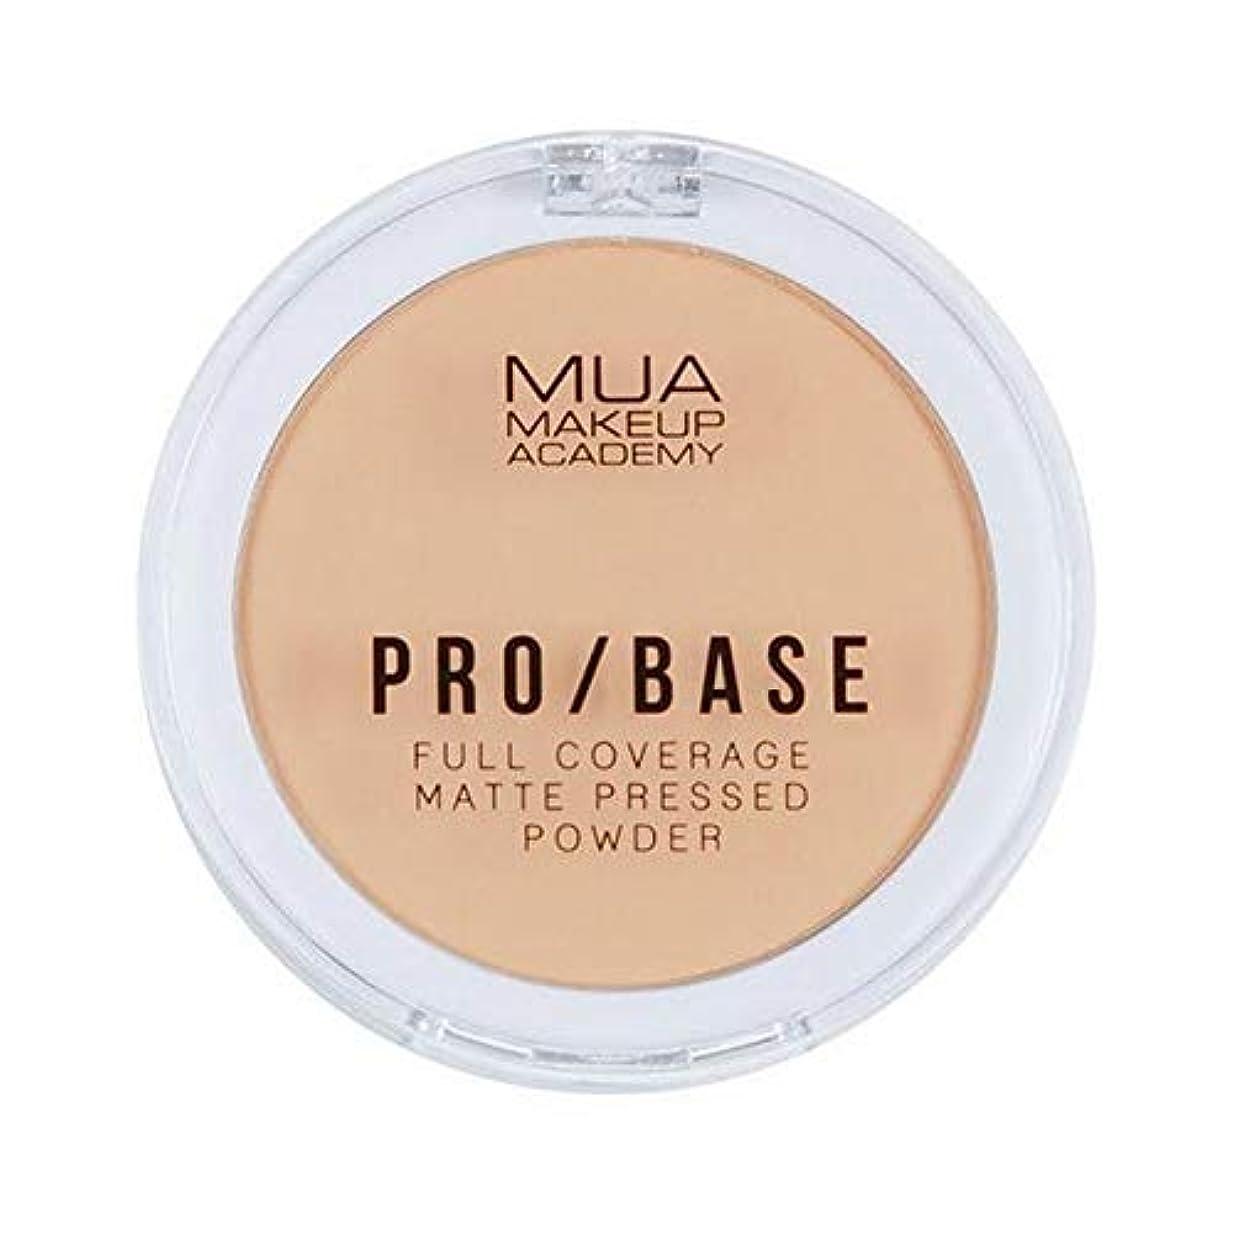 リンク代わりにセイはさておき[MUA] Mua Pro/ベースフルカバレッジマット粉末#120 - MUA Pro/Base Full Coverage Matte Powder #120 [並行輸入品]